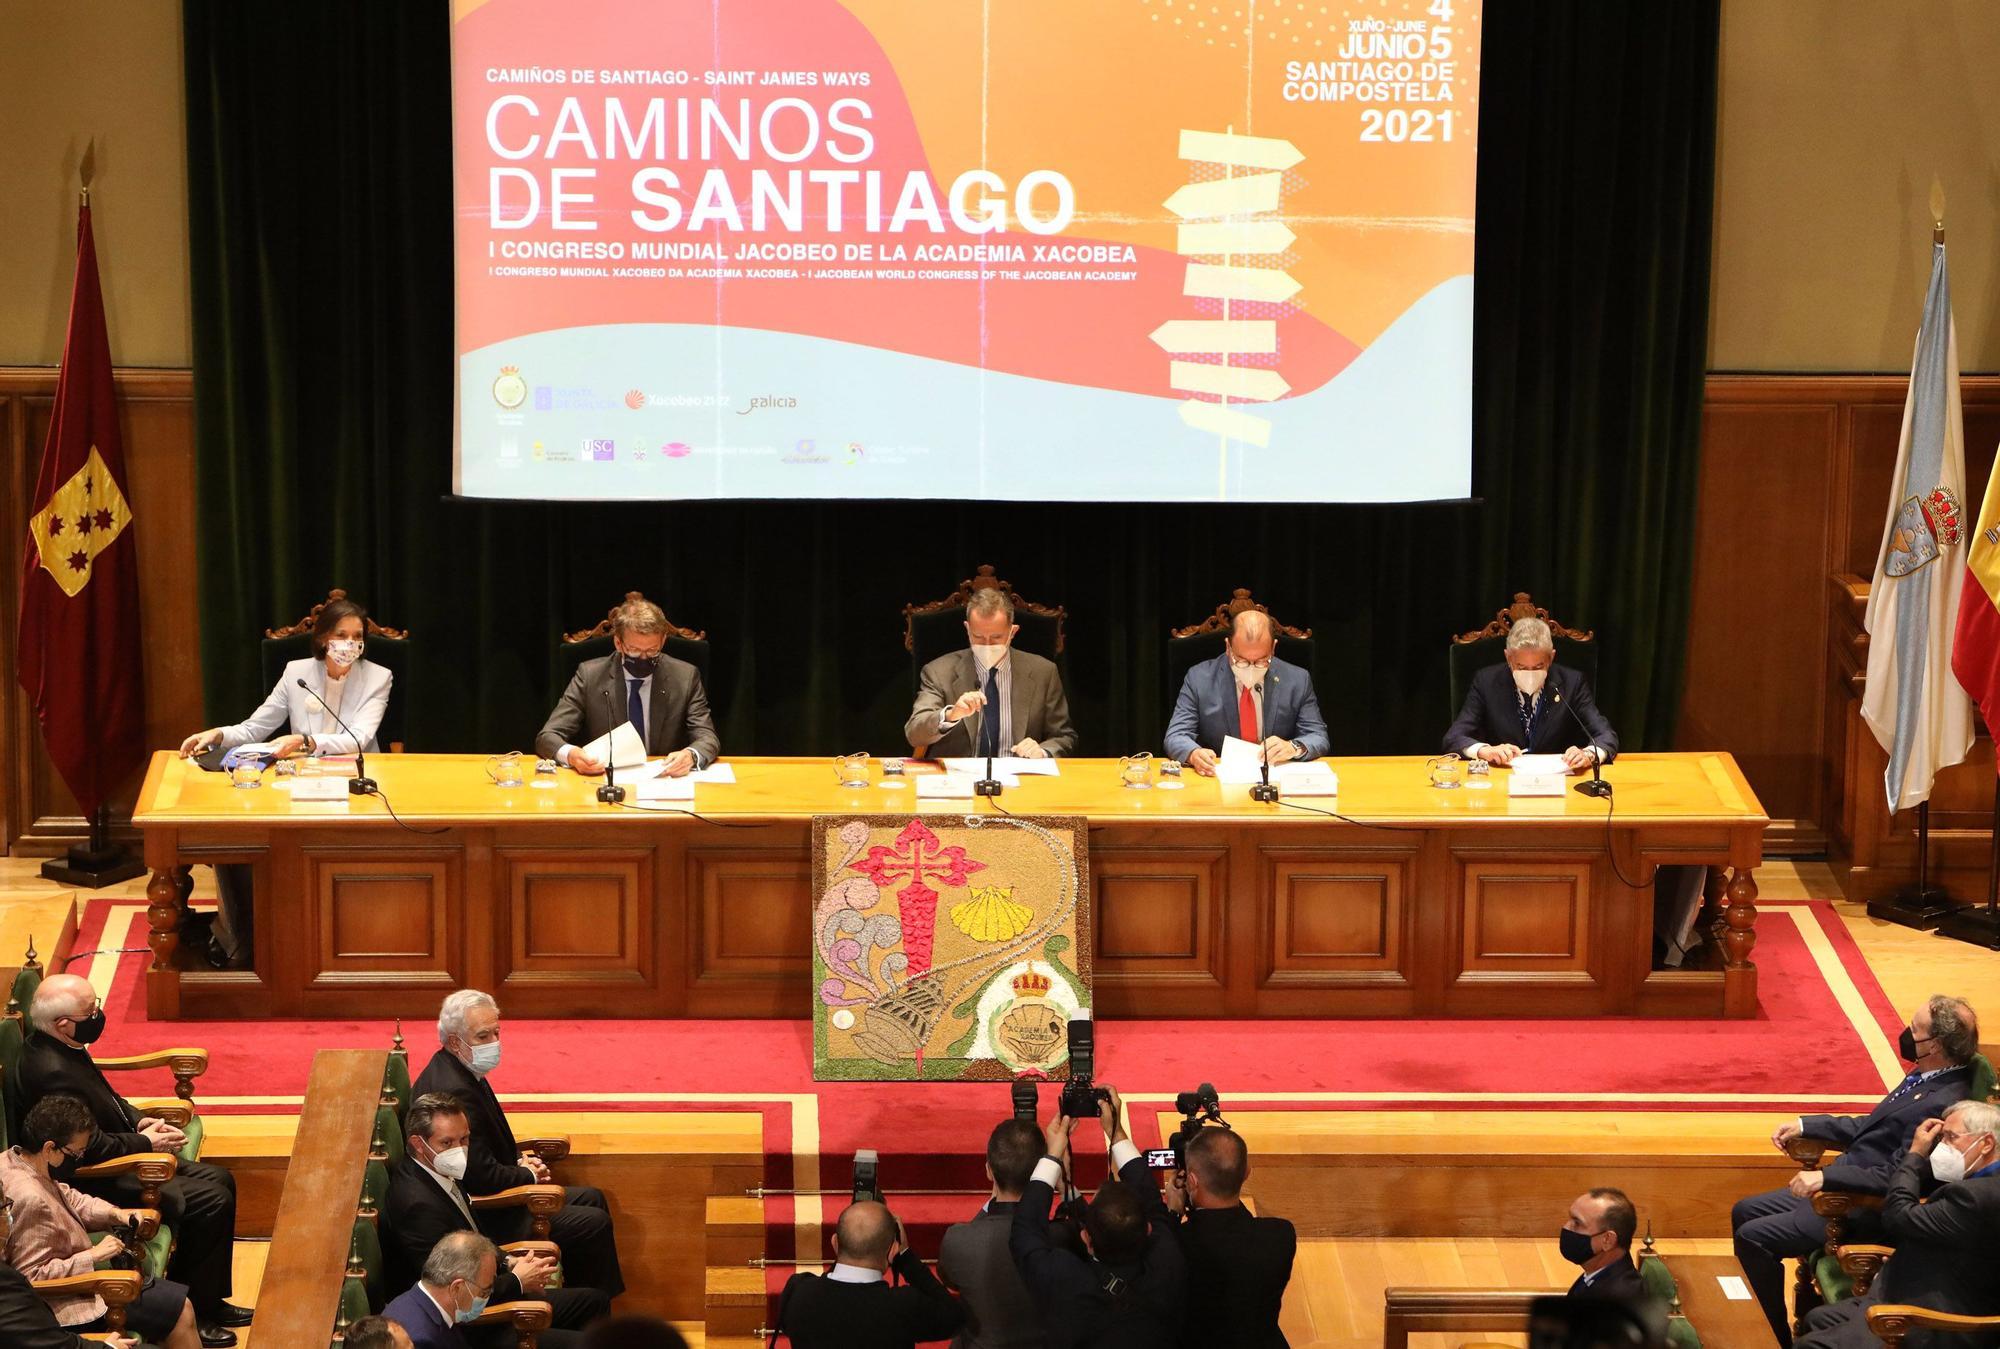 El rey Felipe VI inaugura el I Congreso Mundial Xacobeo en Santiago